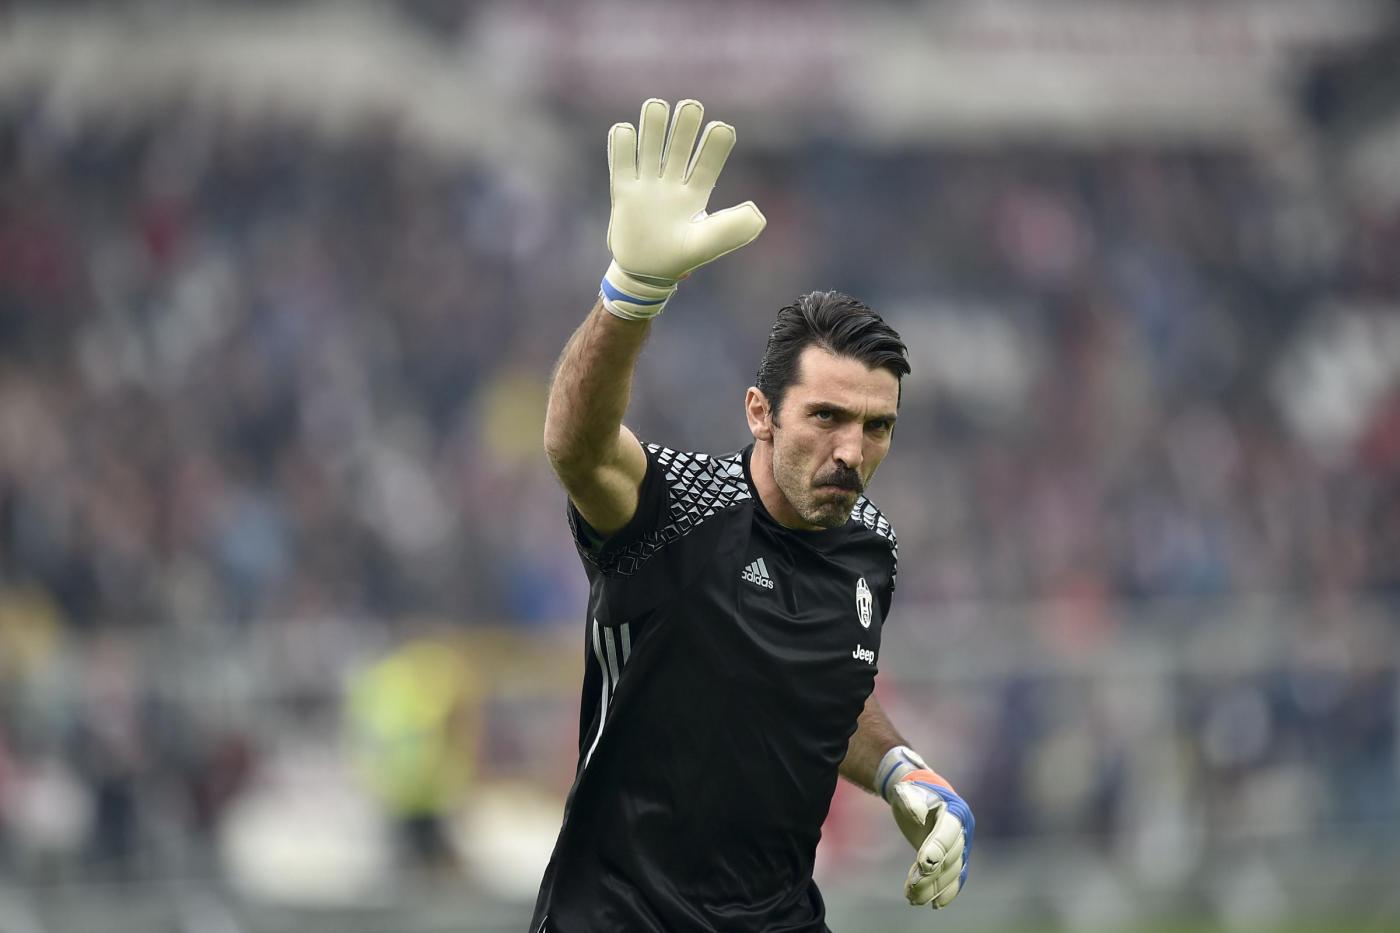 Buffon (LaPresse/Daniele Badolato)